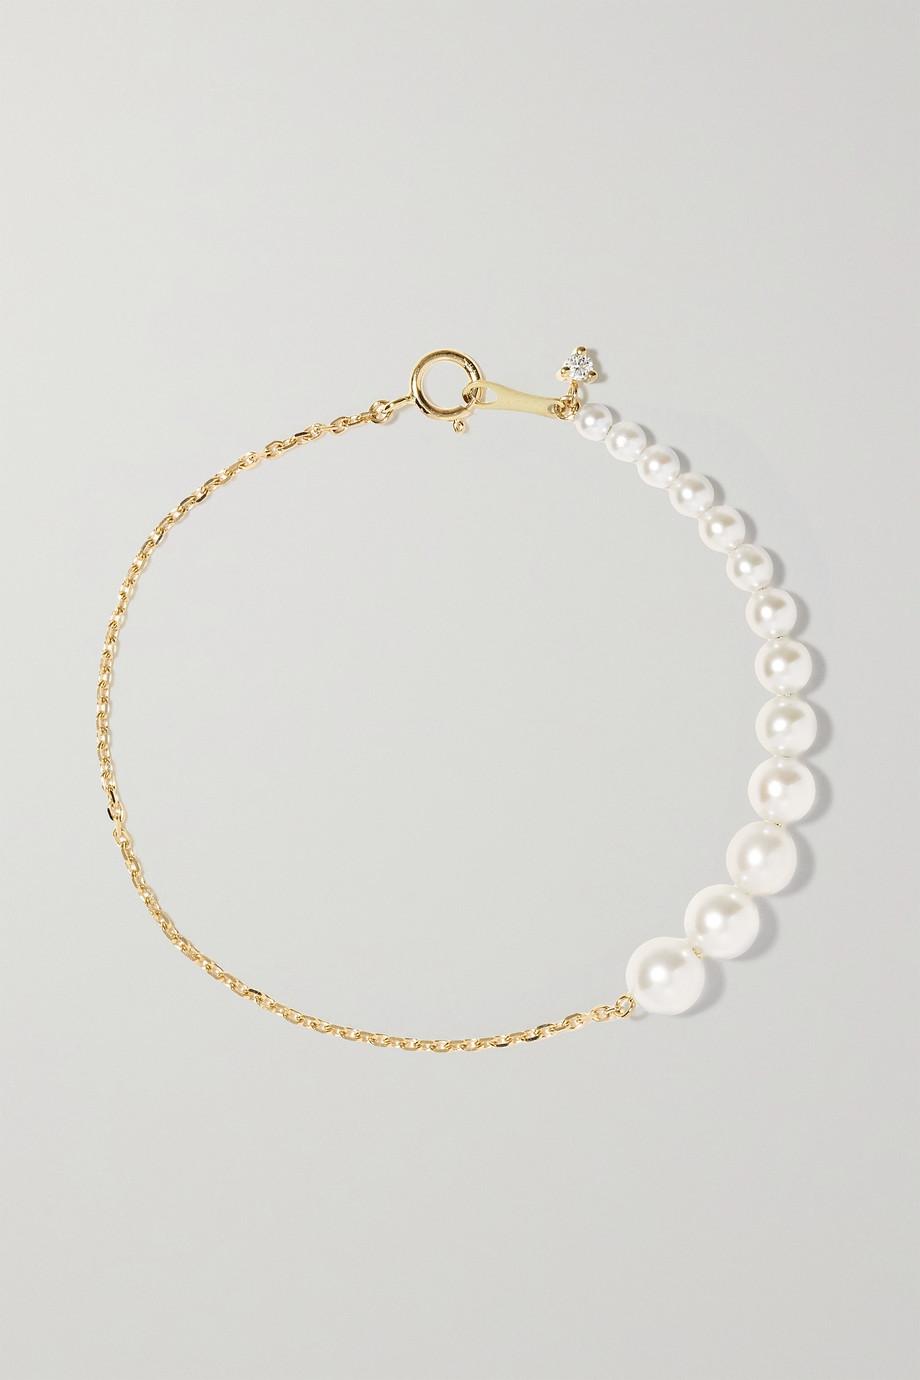 Mizuki 14K 黄金、珍珠、钻石手链